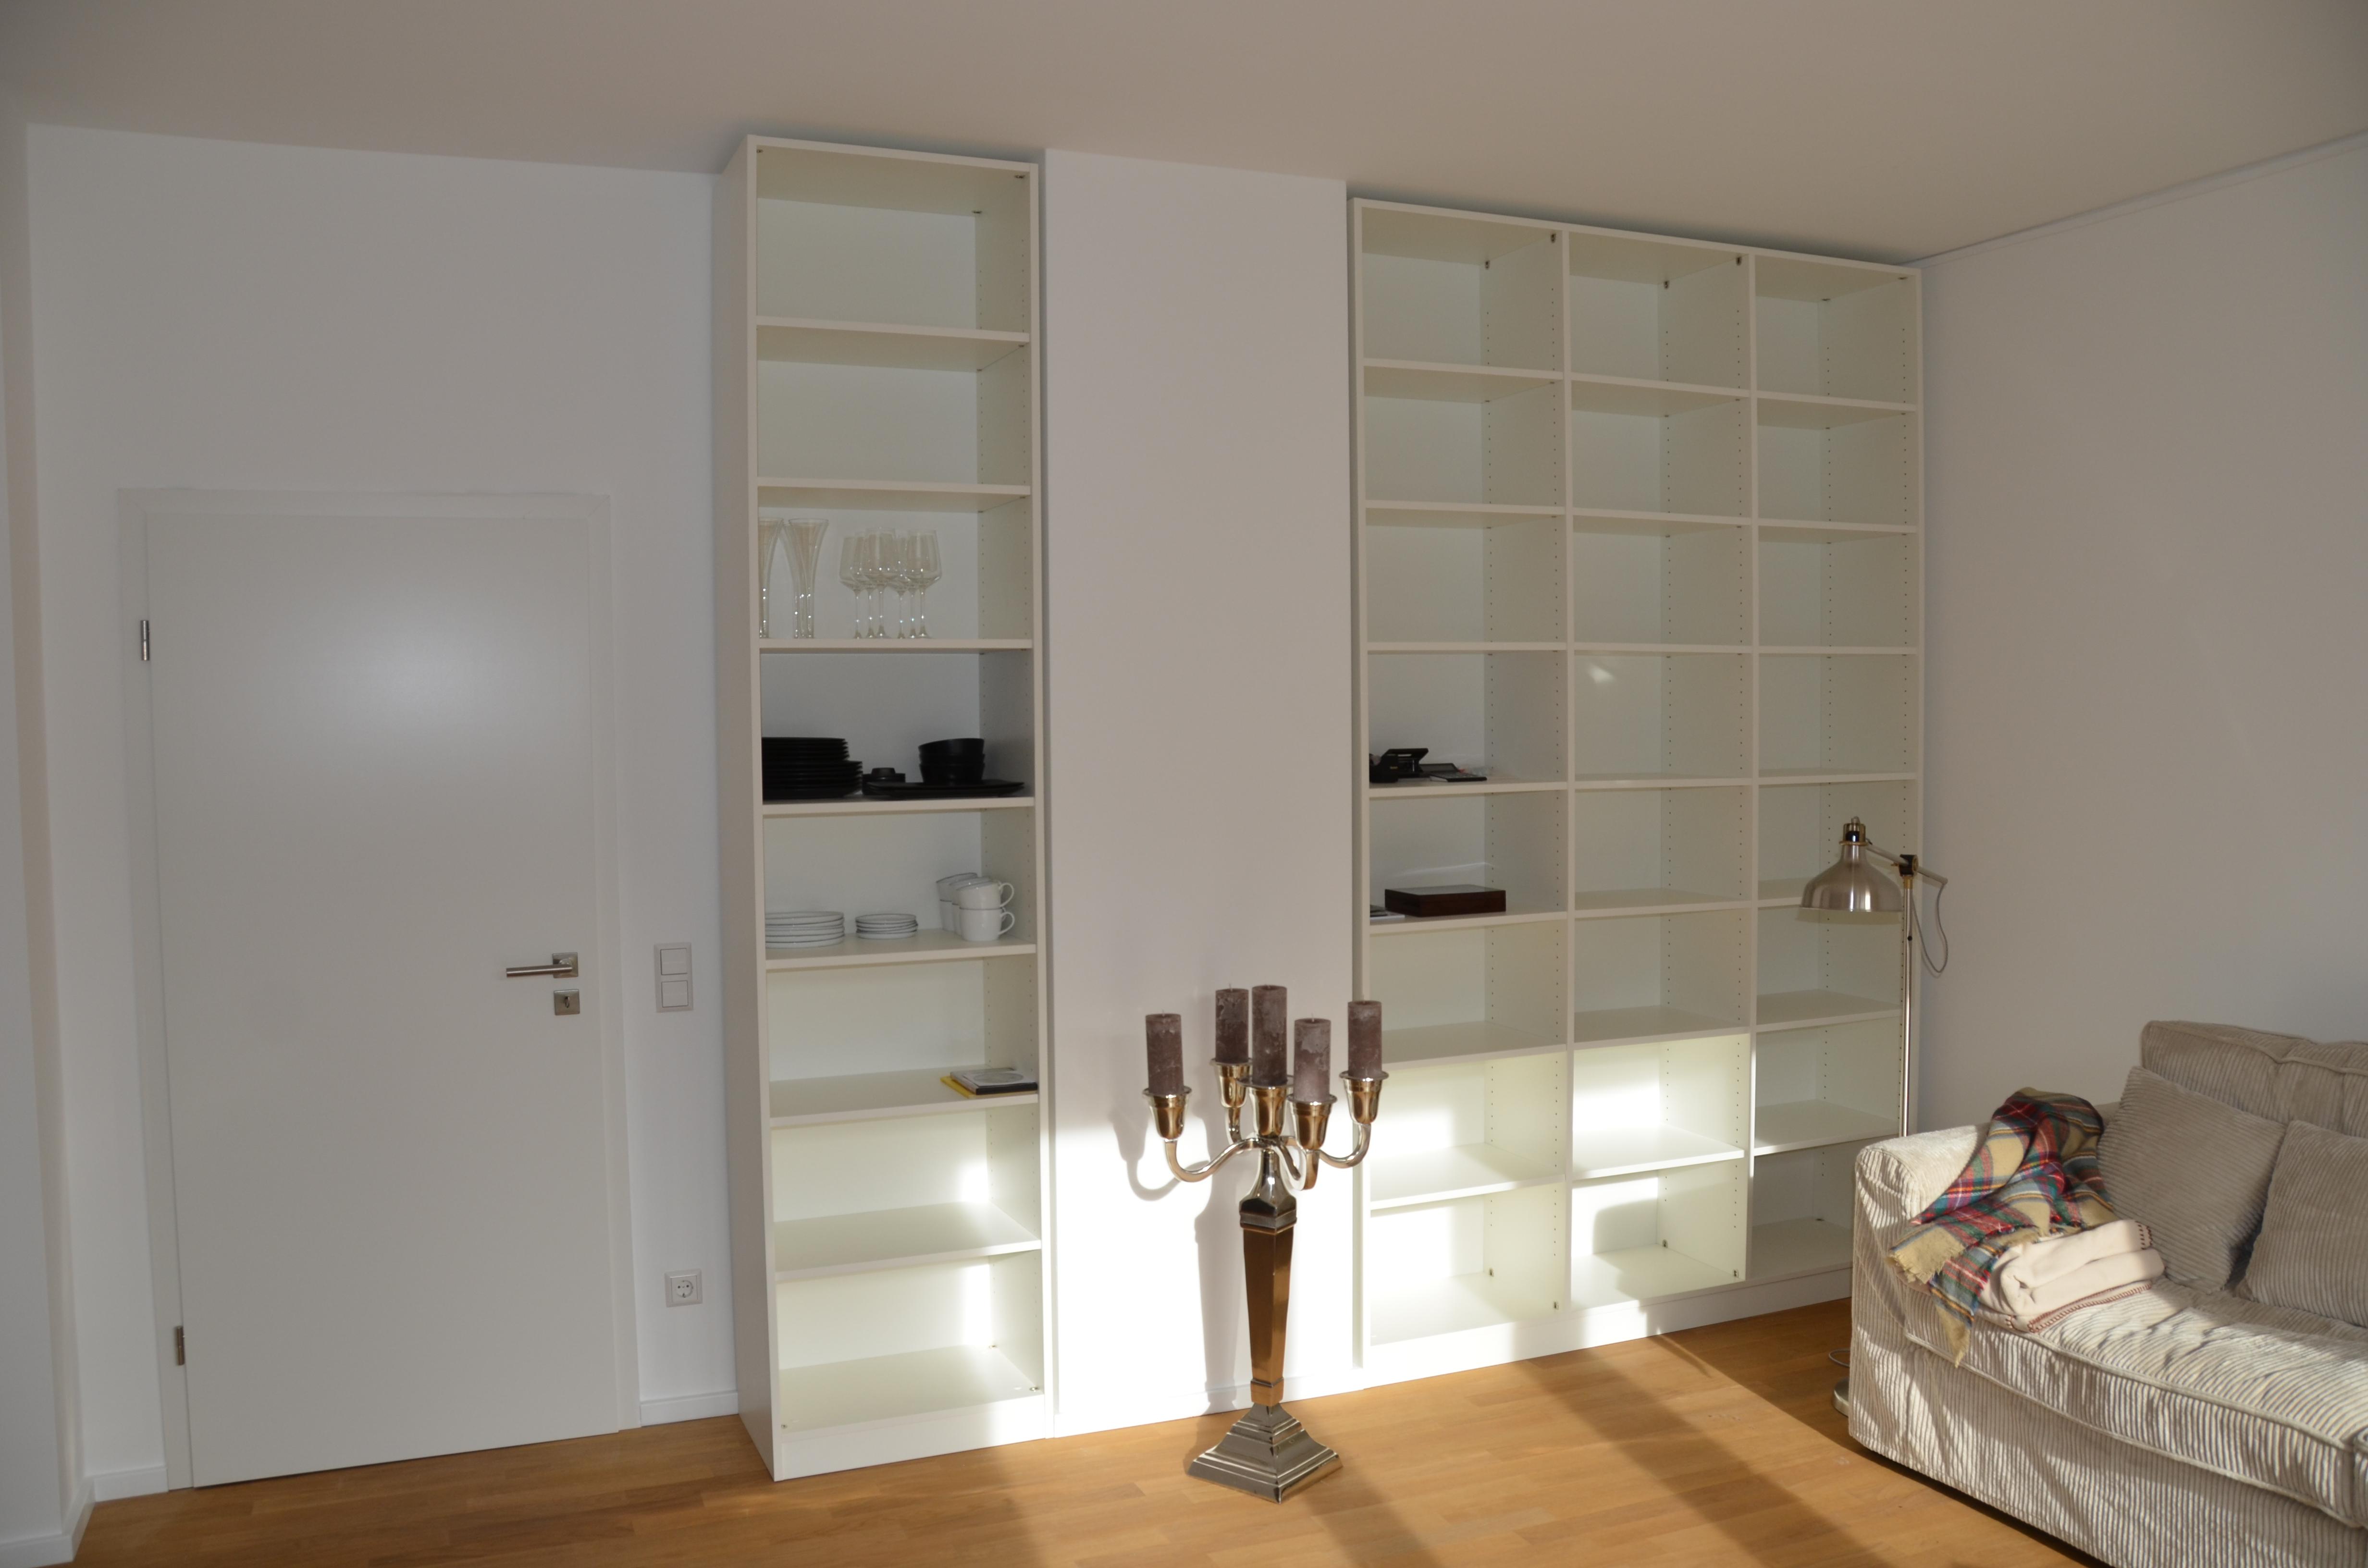 schrank mit schr ge rechts planen. Black Bedroom Furniture Sets. Home Design Ideas